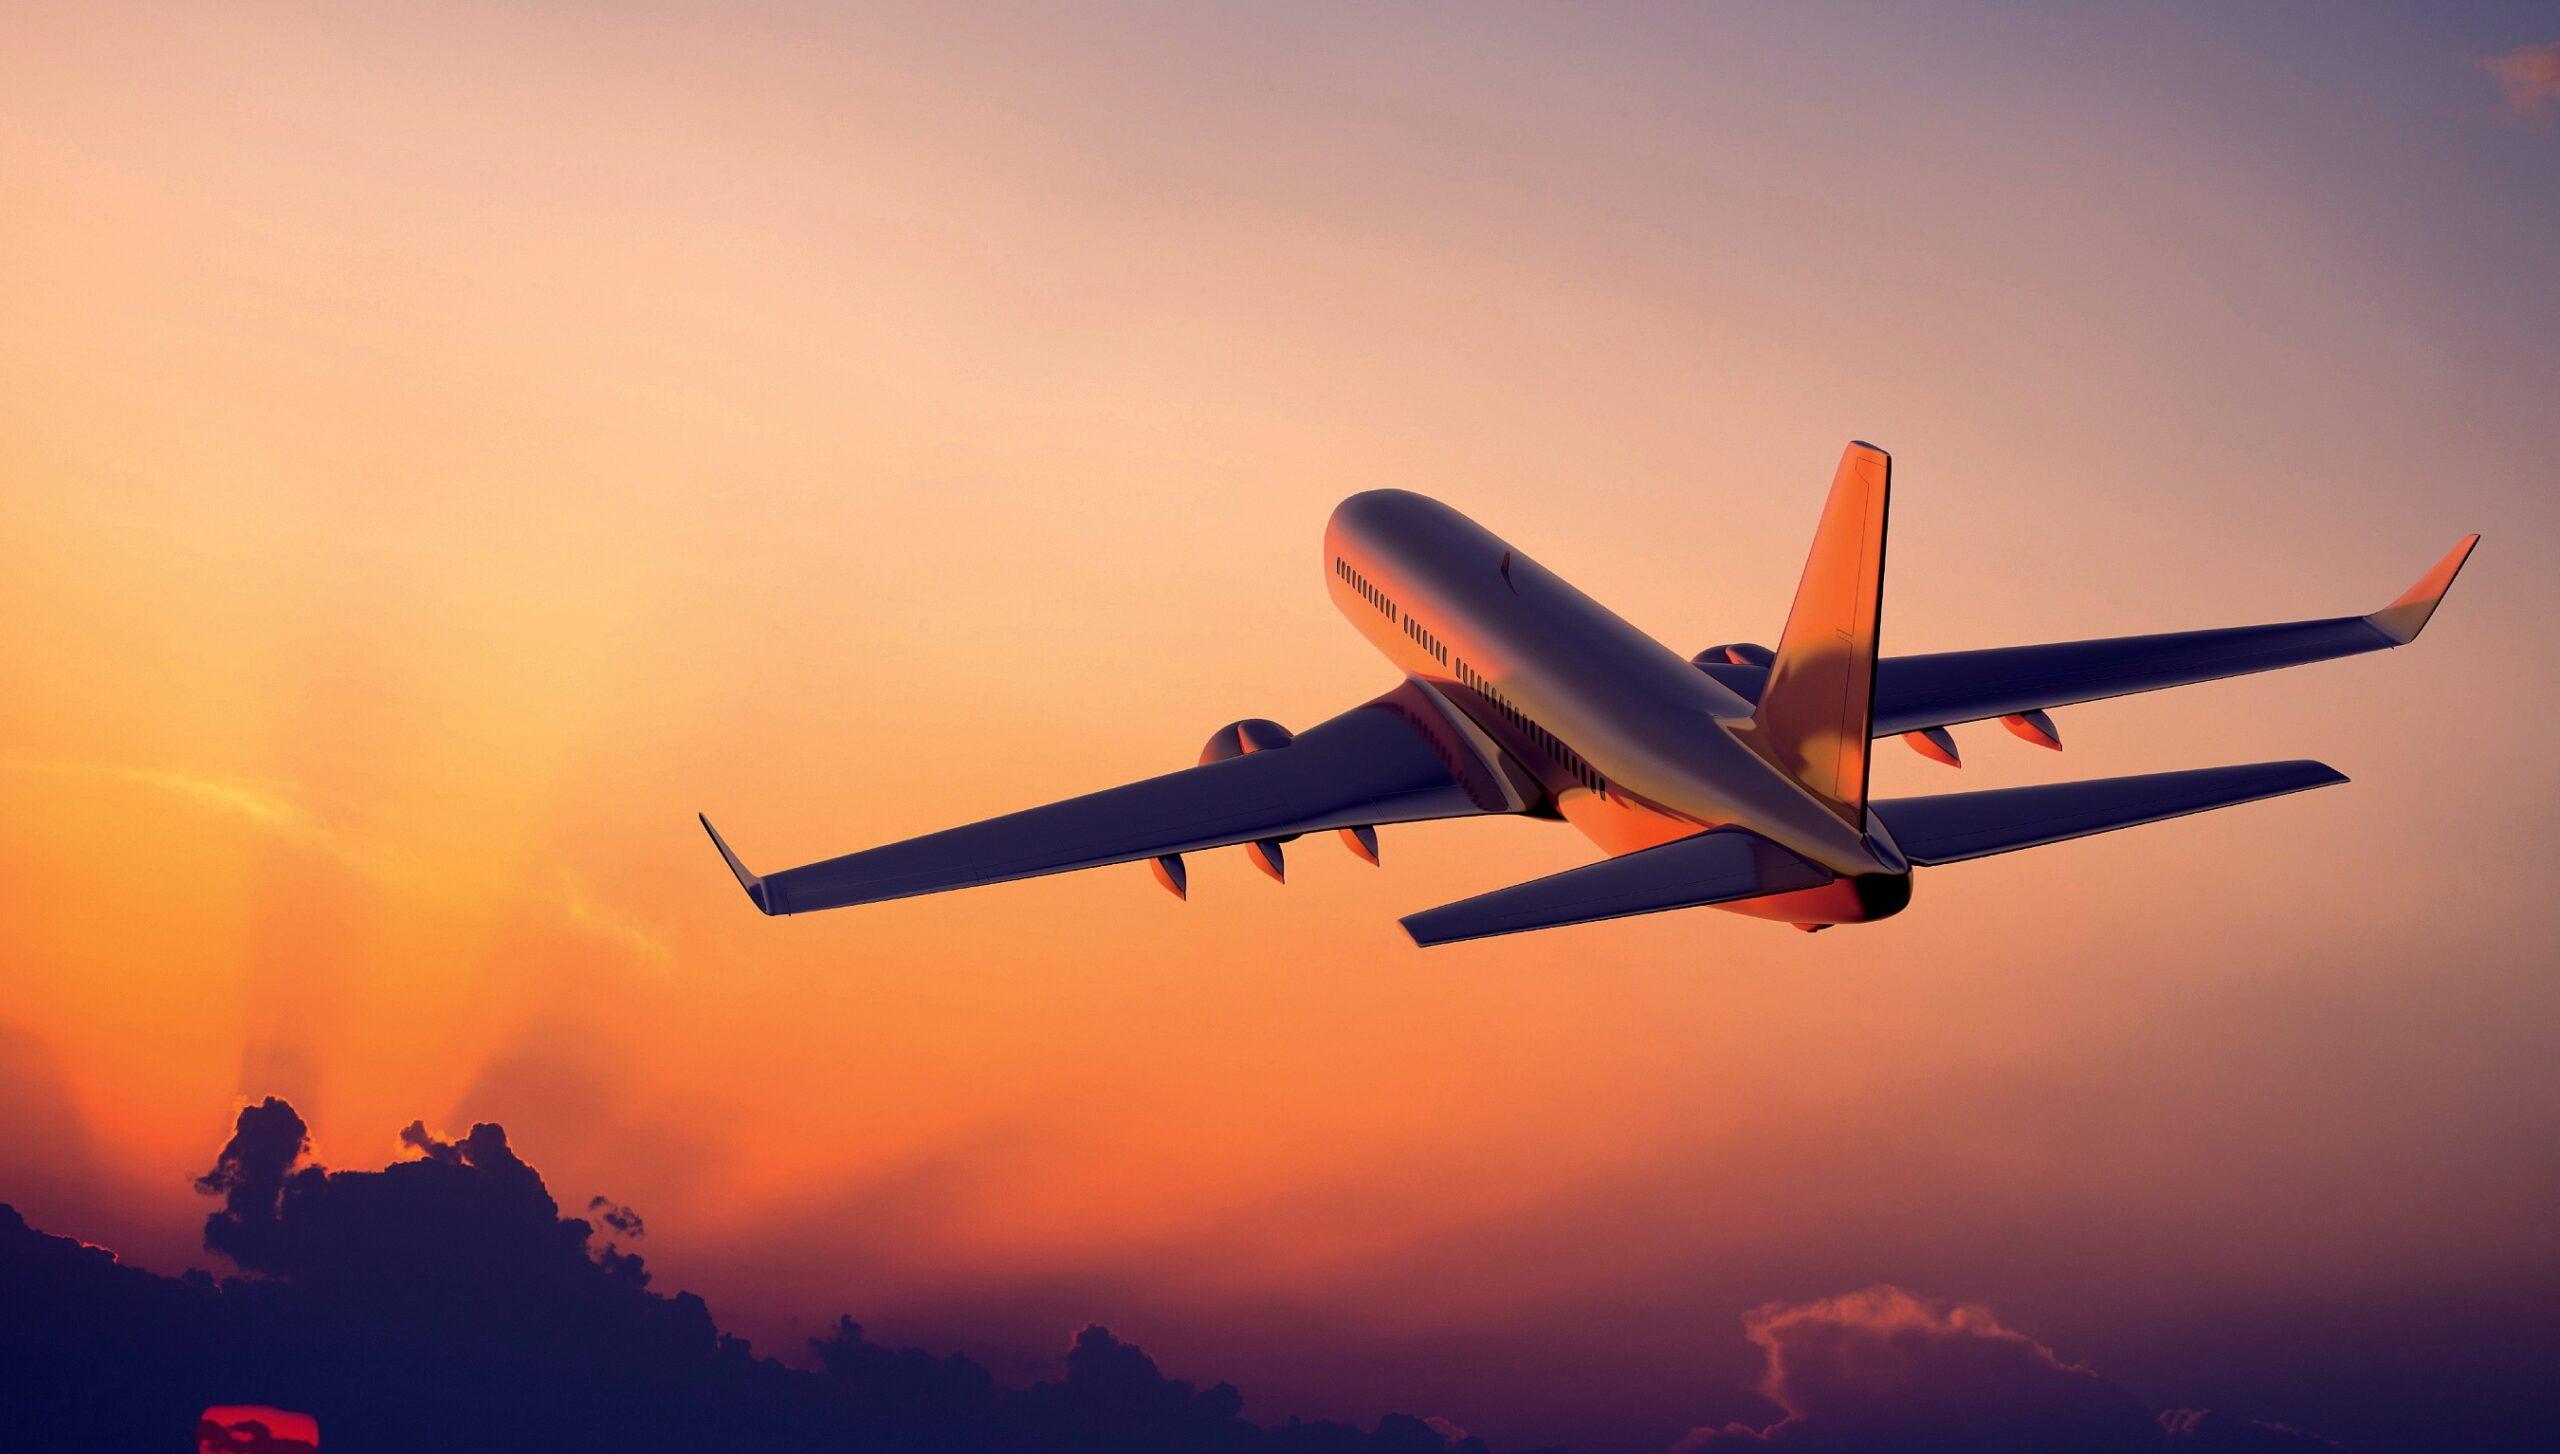 Un însoțitor de zbor explică de ce nu trebuie să dormiți cu capul sprijinit de geamul avionului